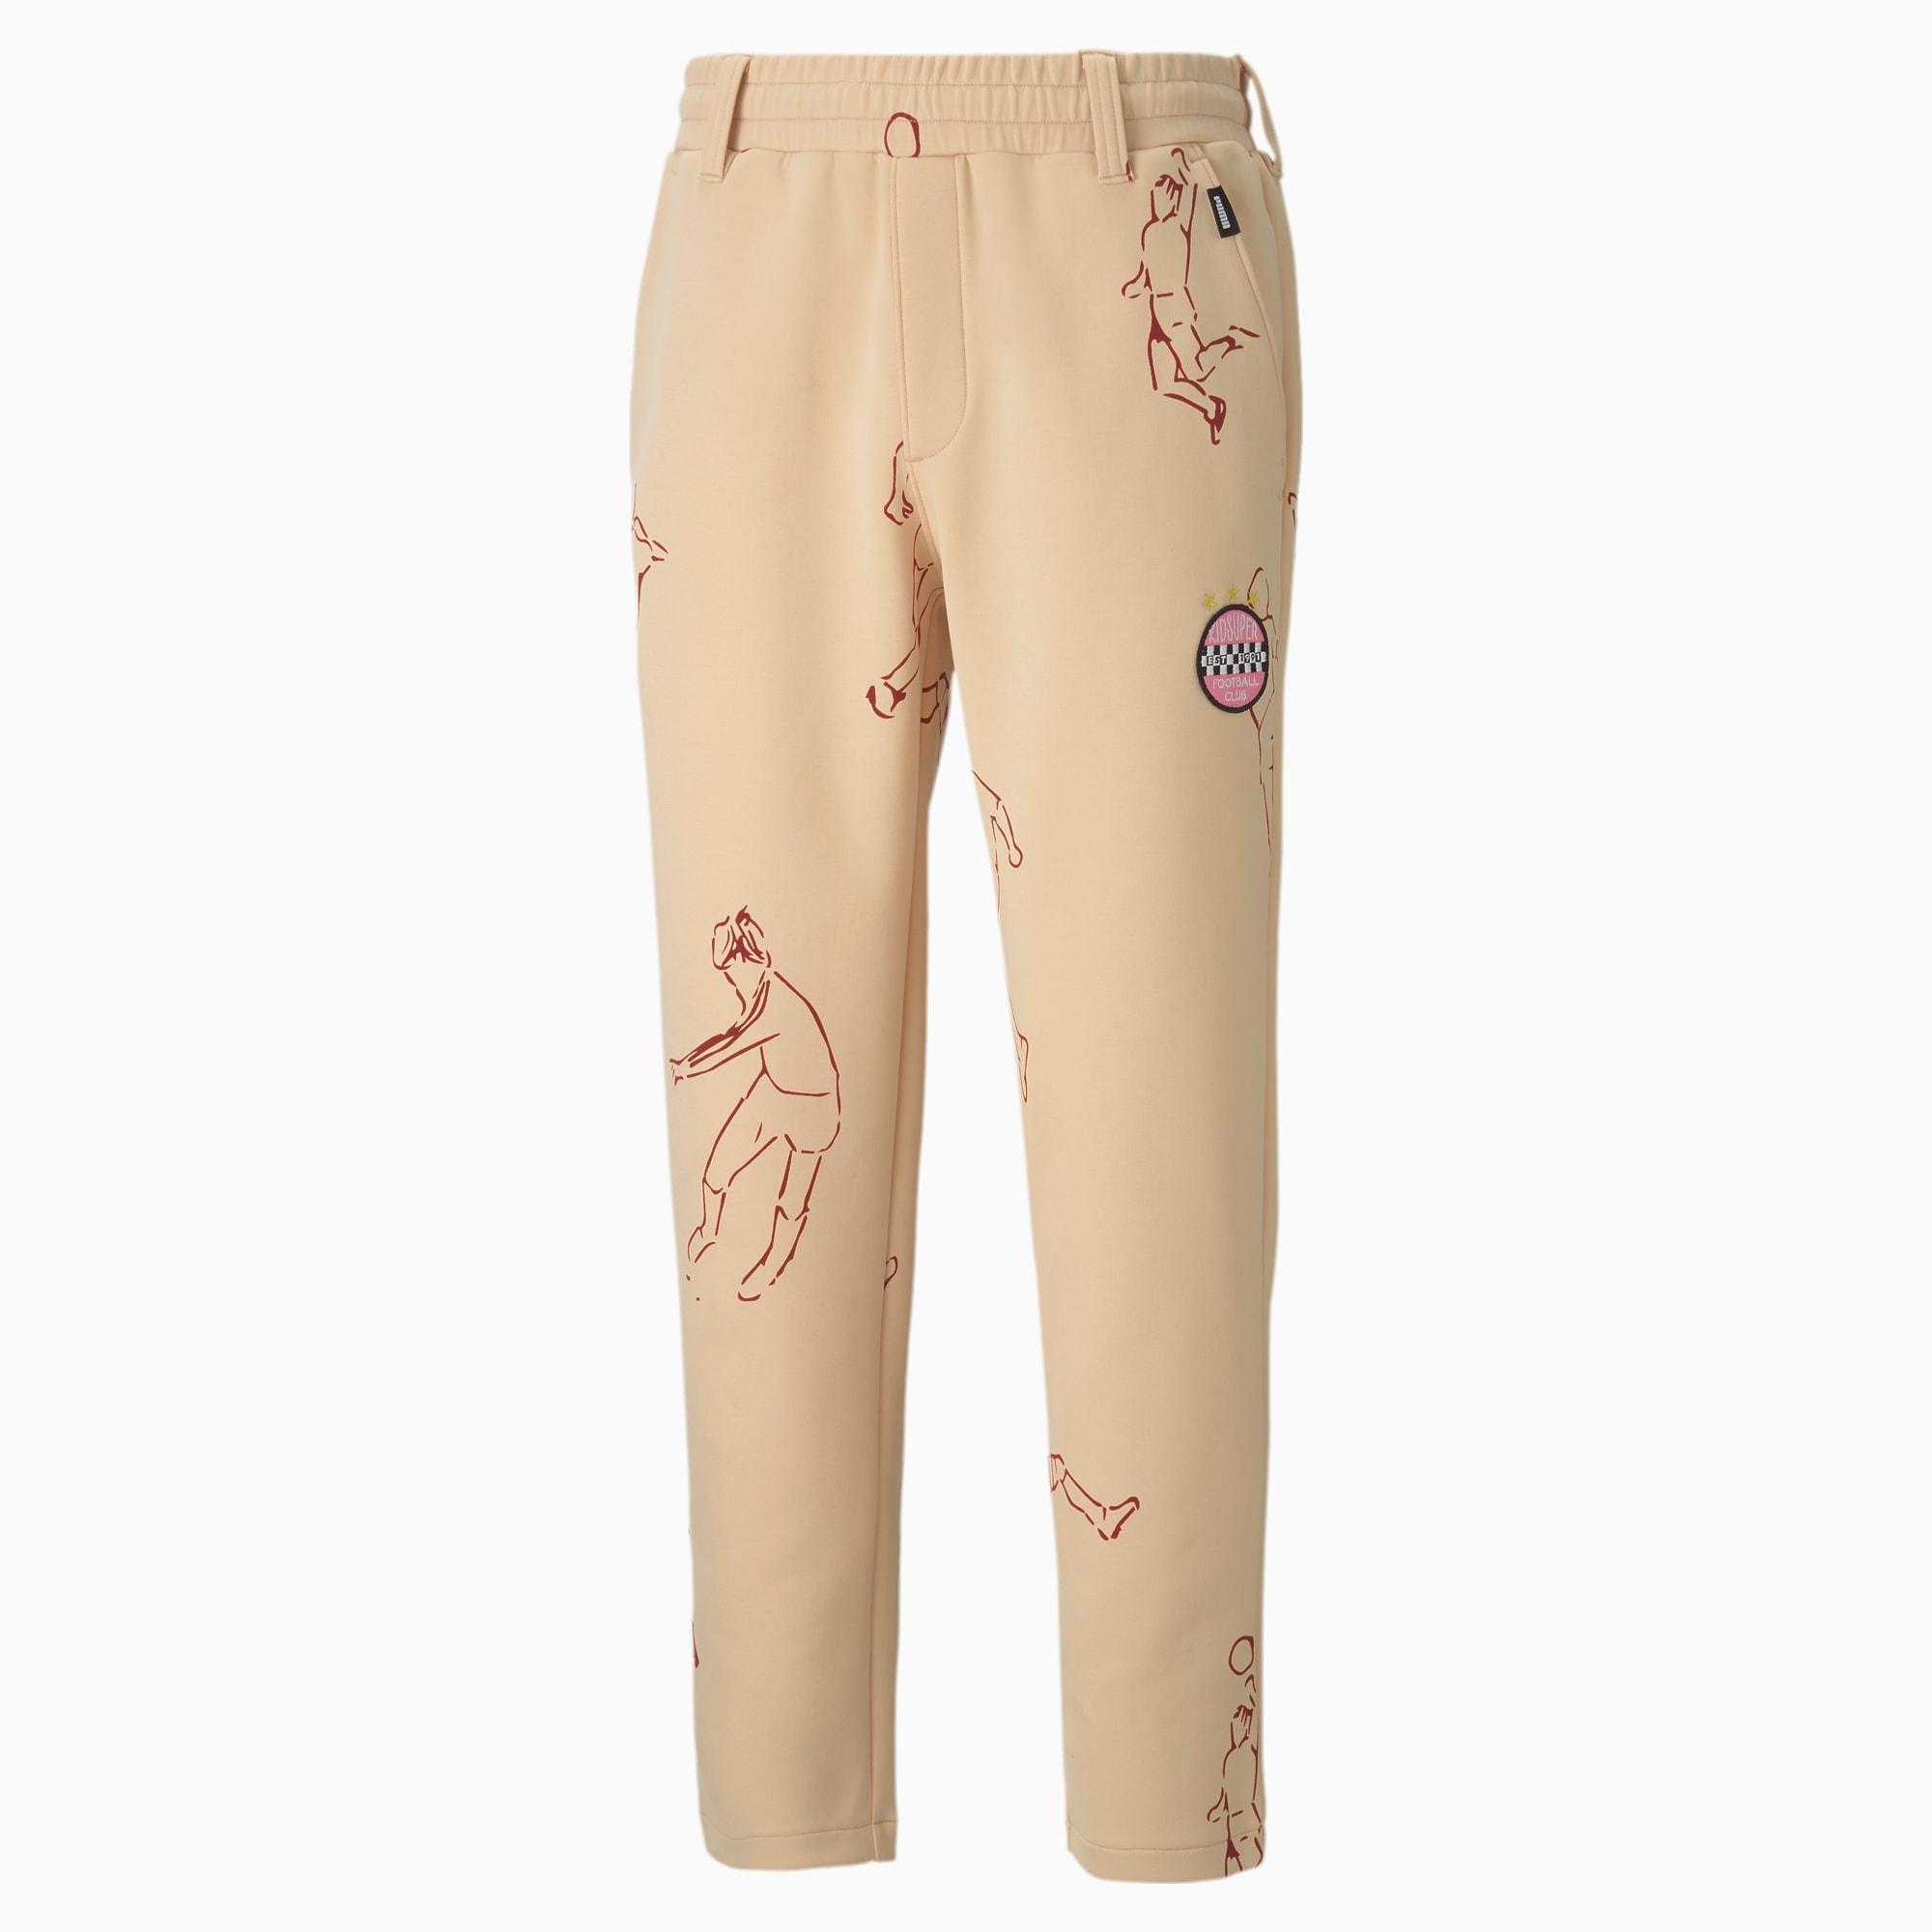 PUMA x KIDSUPER Tailored broek voor Heren, Roze, Maat XXS